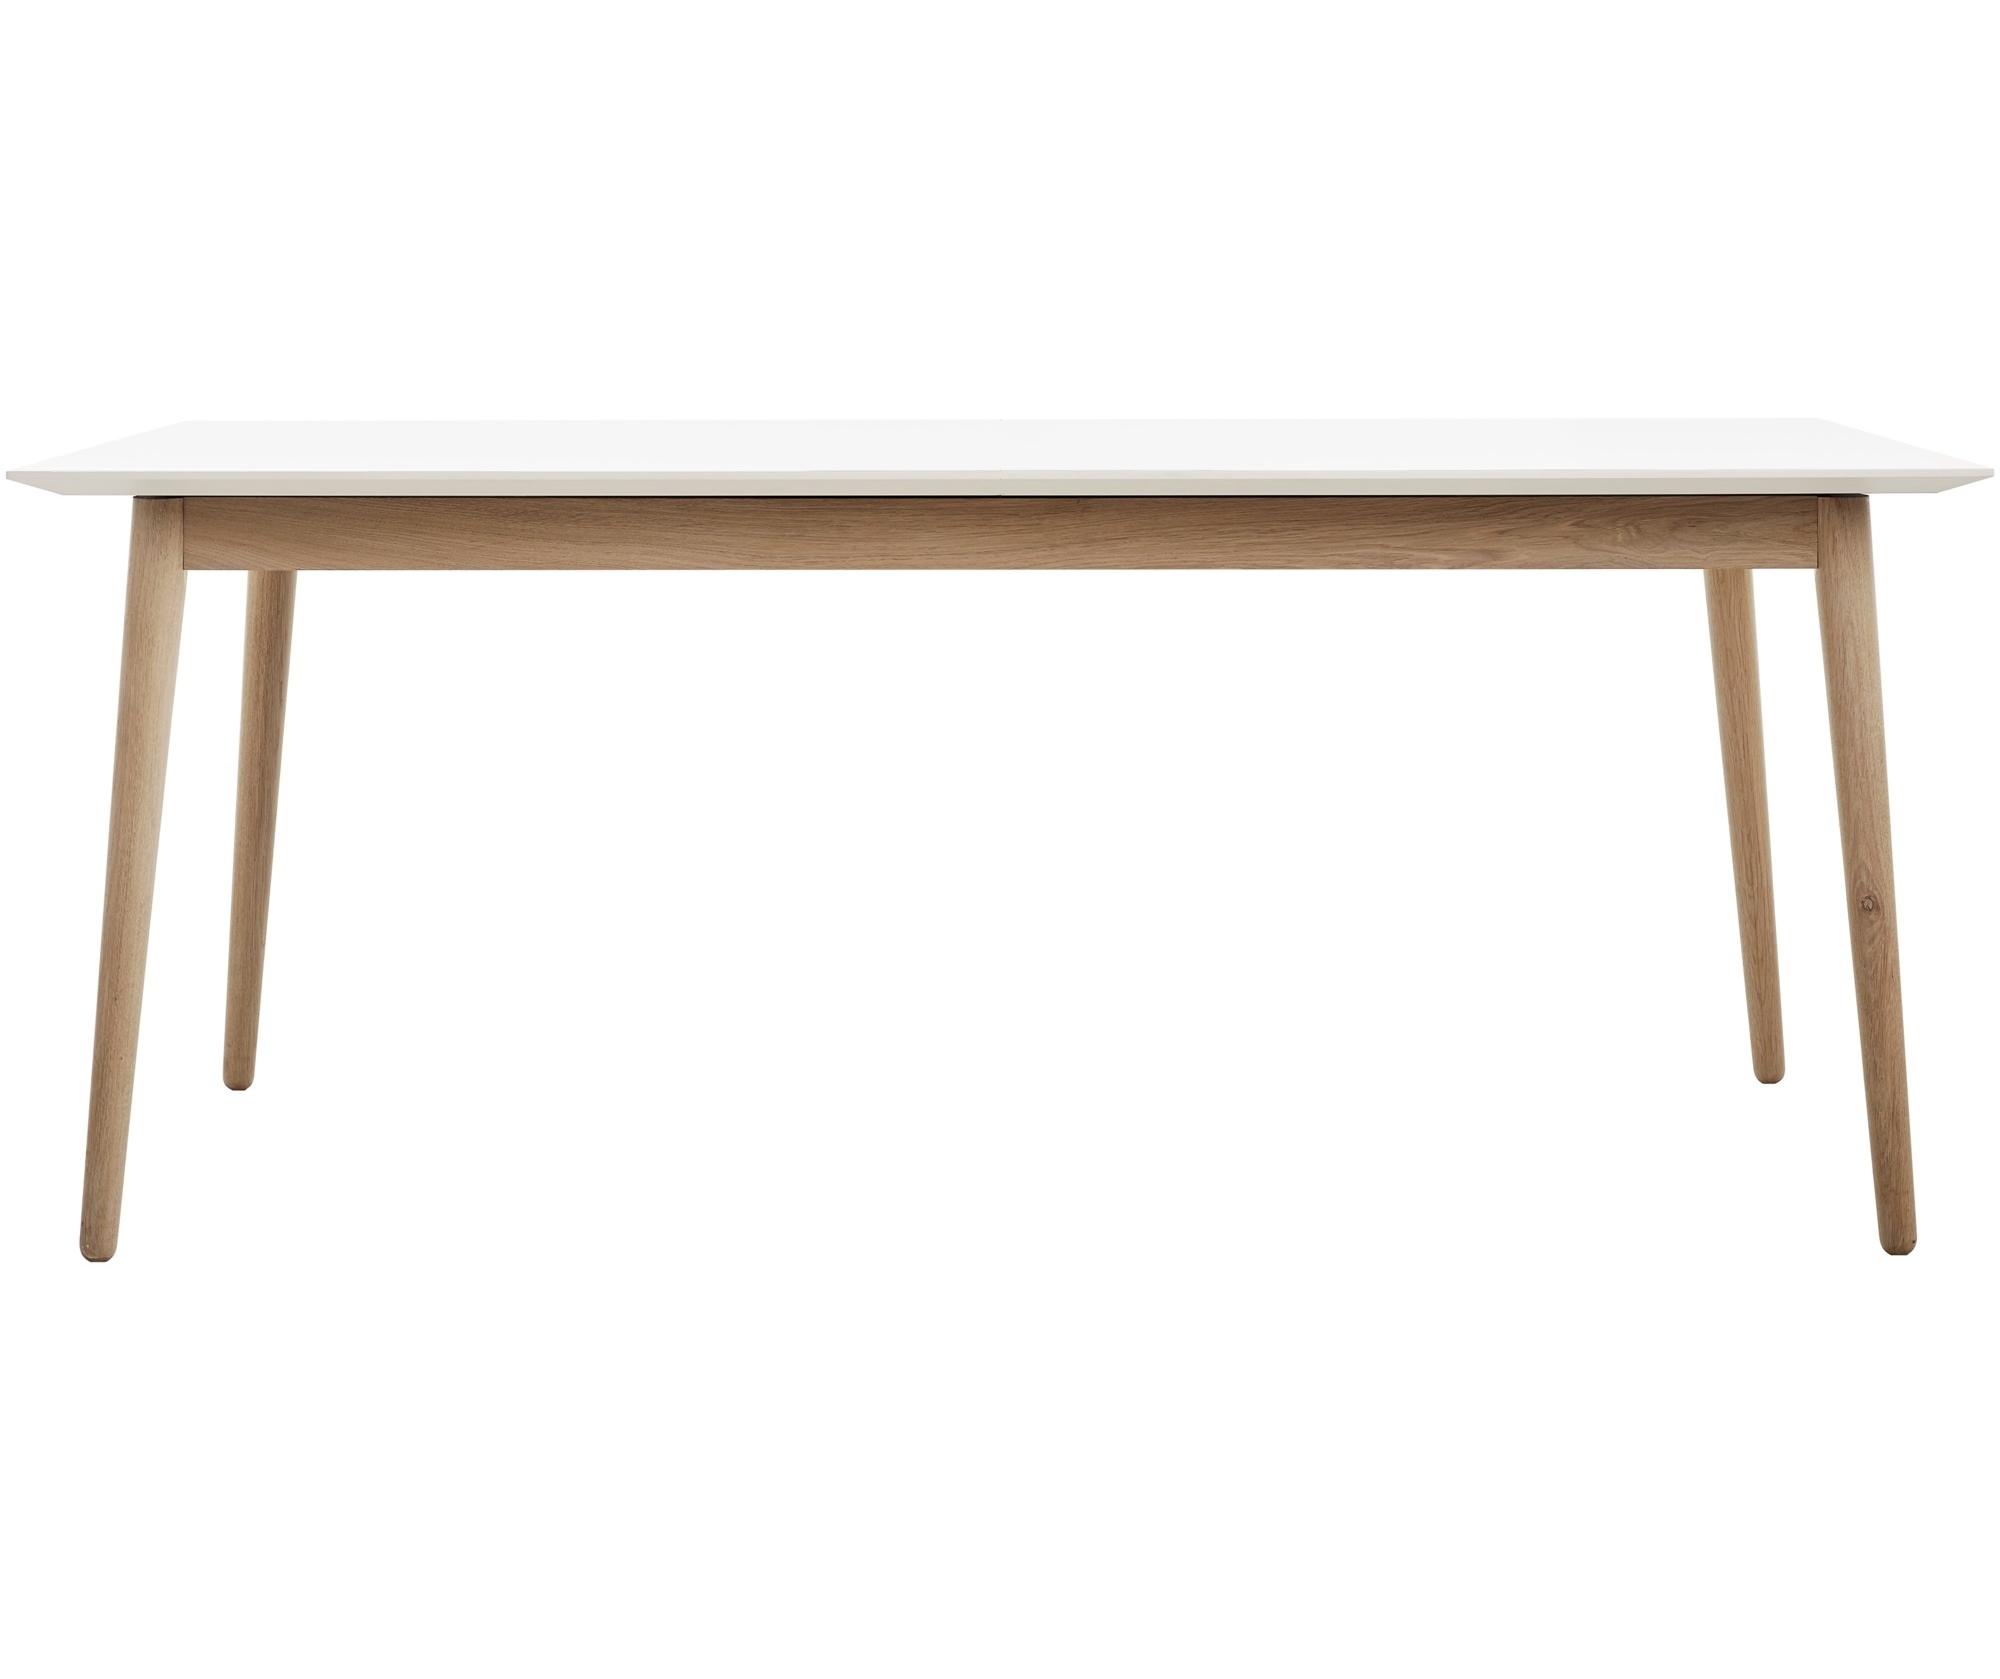 Стол SinusОбеденные столы<br>Стол может быть изготовлен по вашему размеру! Максимальный размер: 280х200 см. Основание - массив дуба. Столешница - МДФ. 5 цветов отделки для столешницы и основания.<br><br>Material: Дуб<br>Width см: 140<br>Depth см: 74<br>Height см: 80